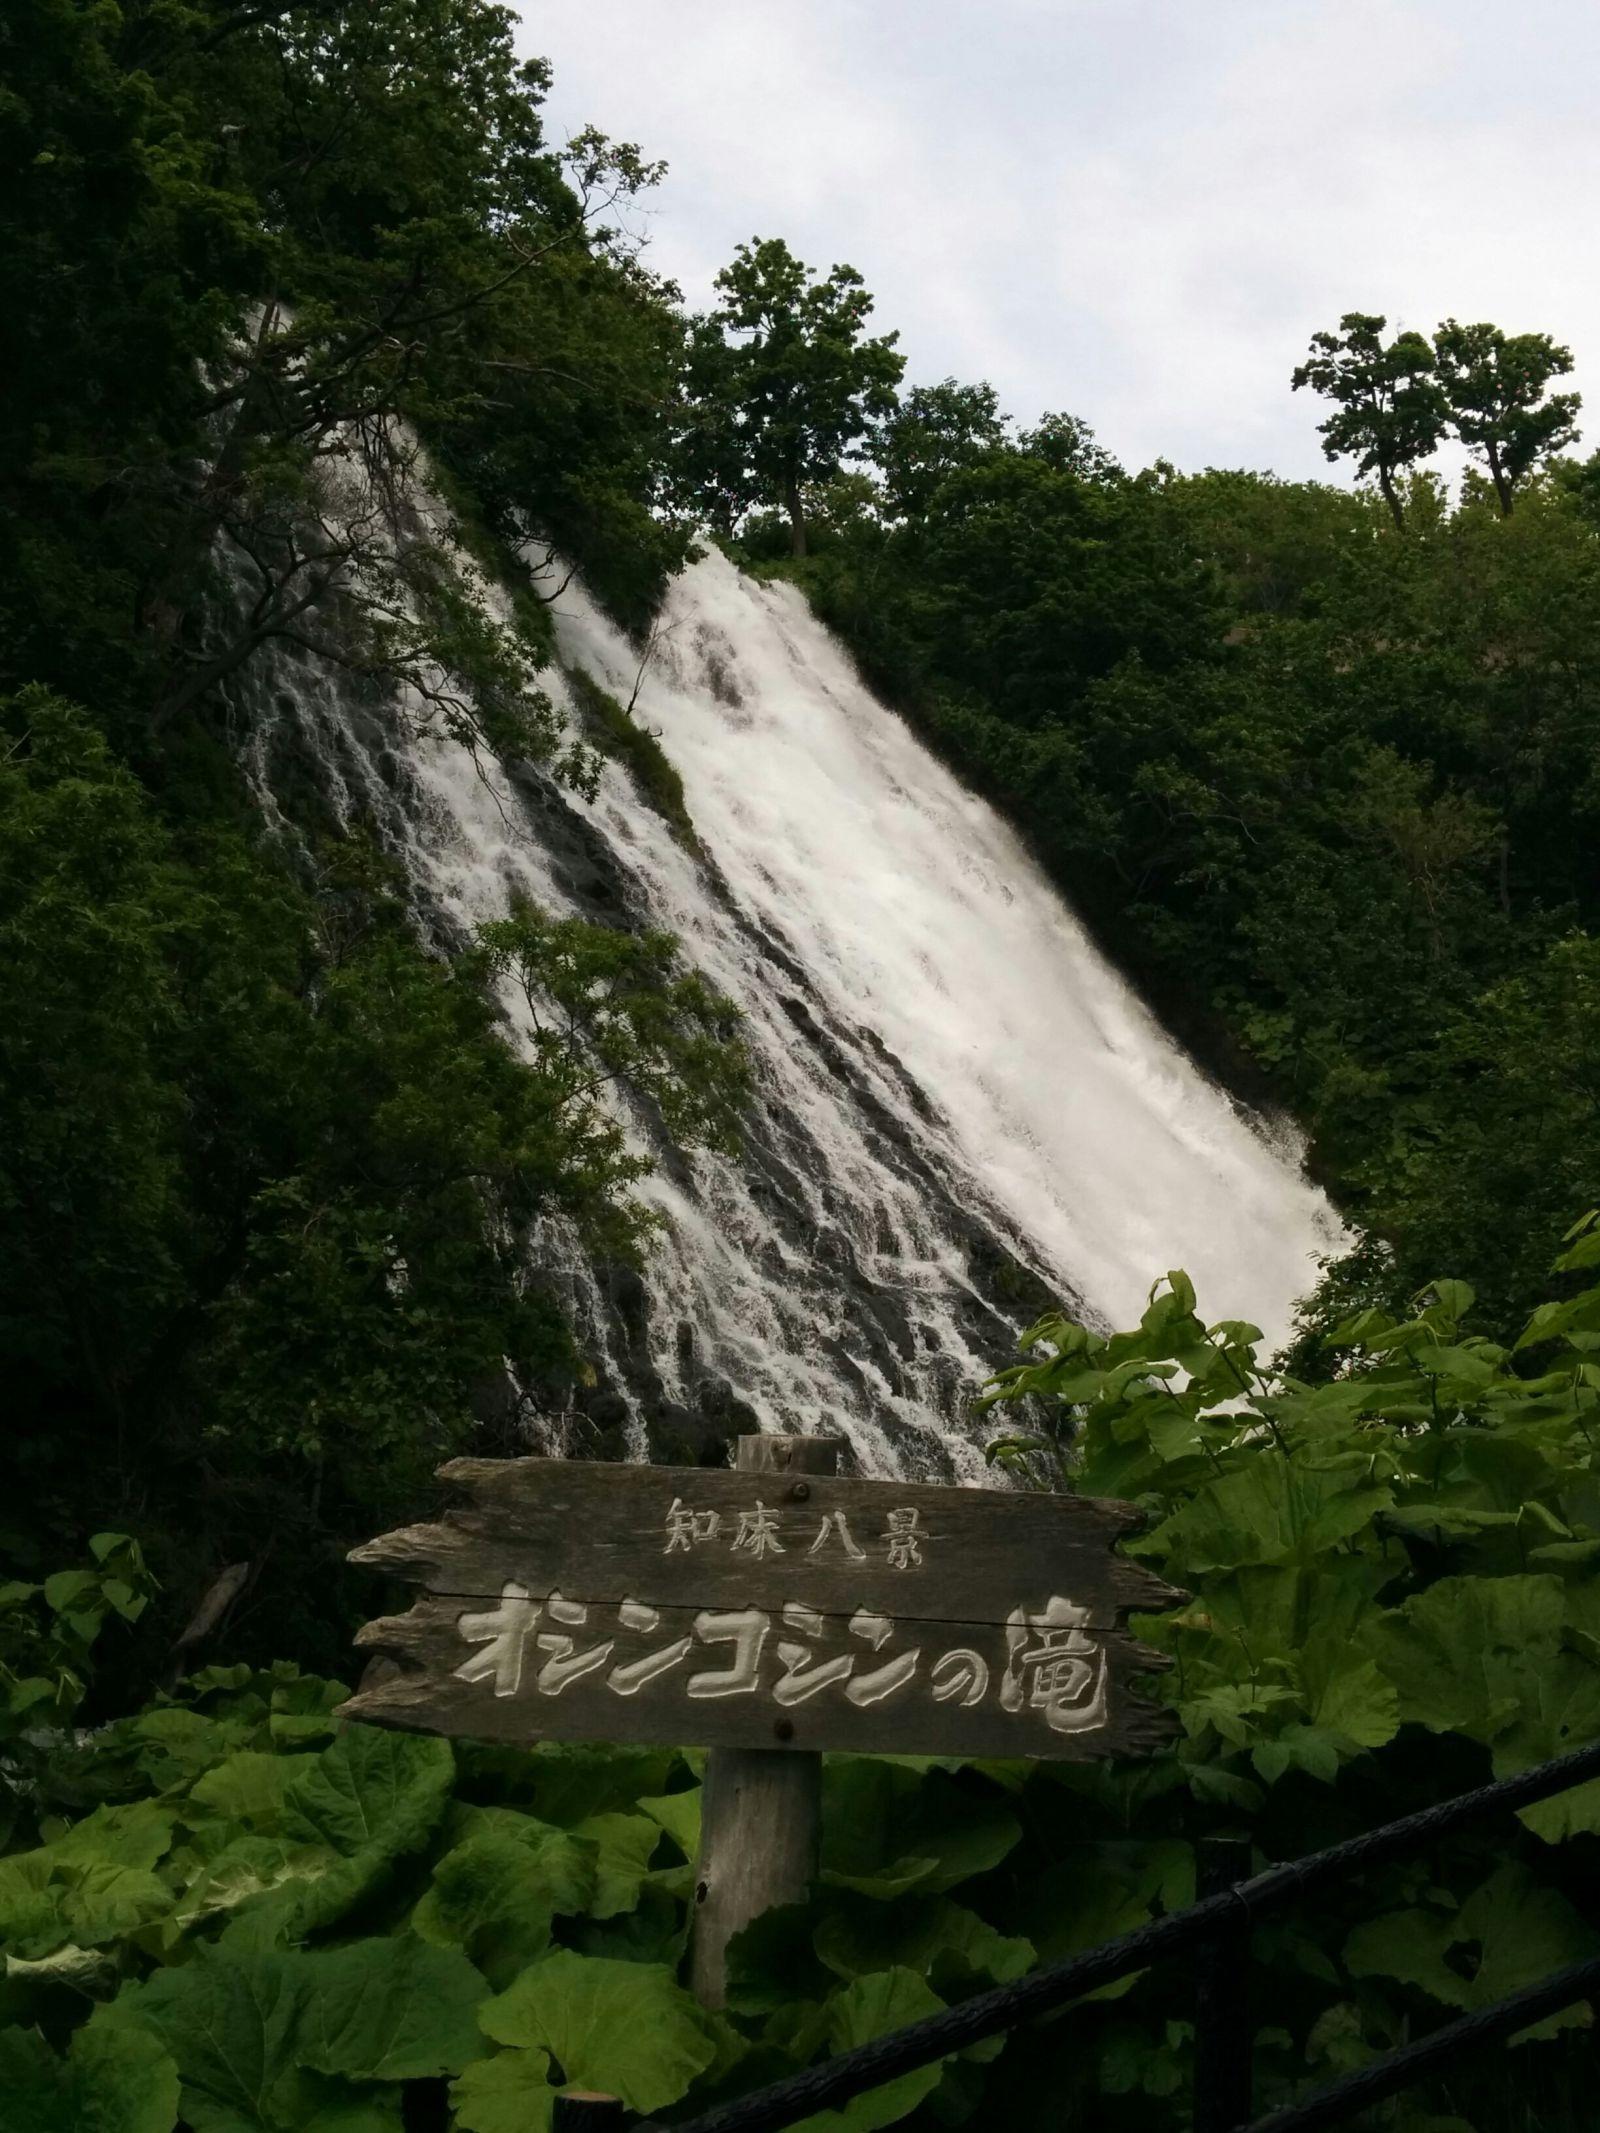 【知床観光タクシー・ジャンボタクシー】オシンコシンの滝周辺観光案内です。